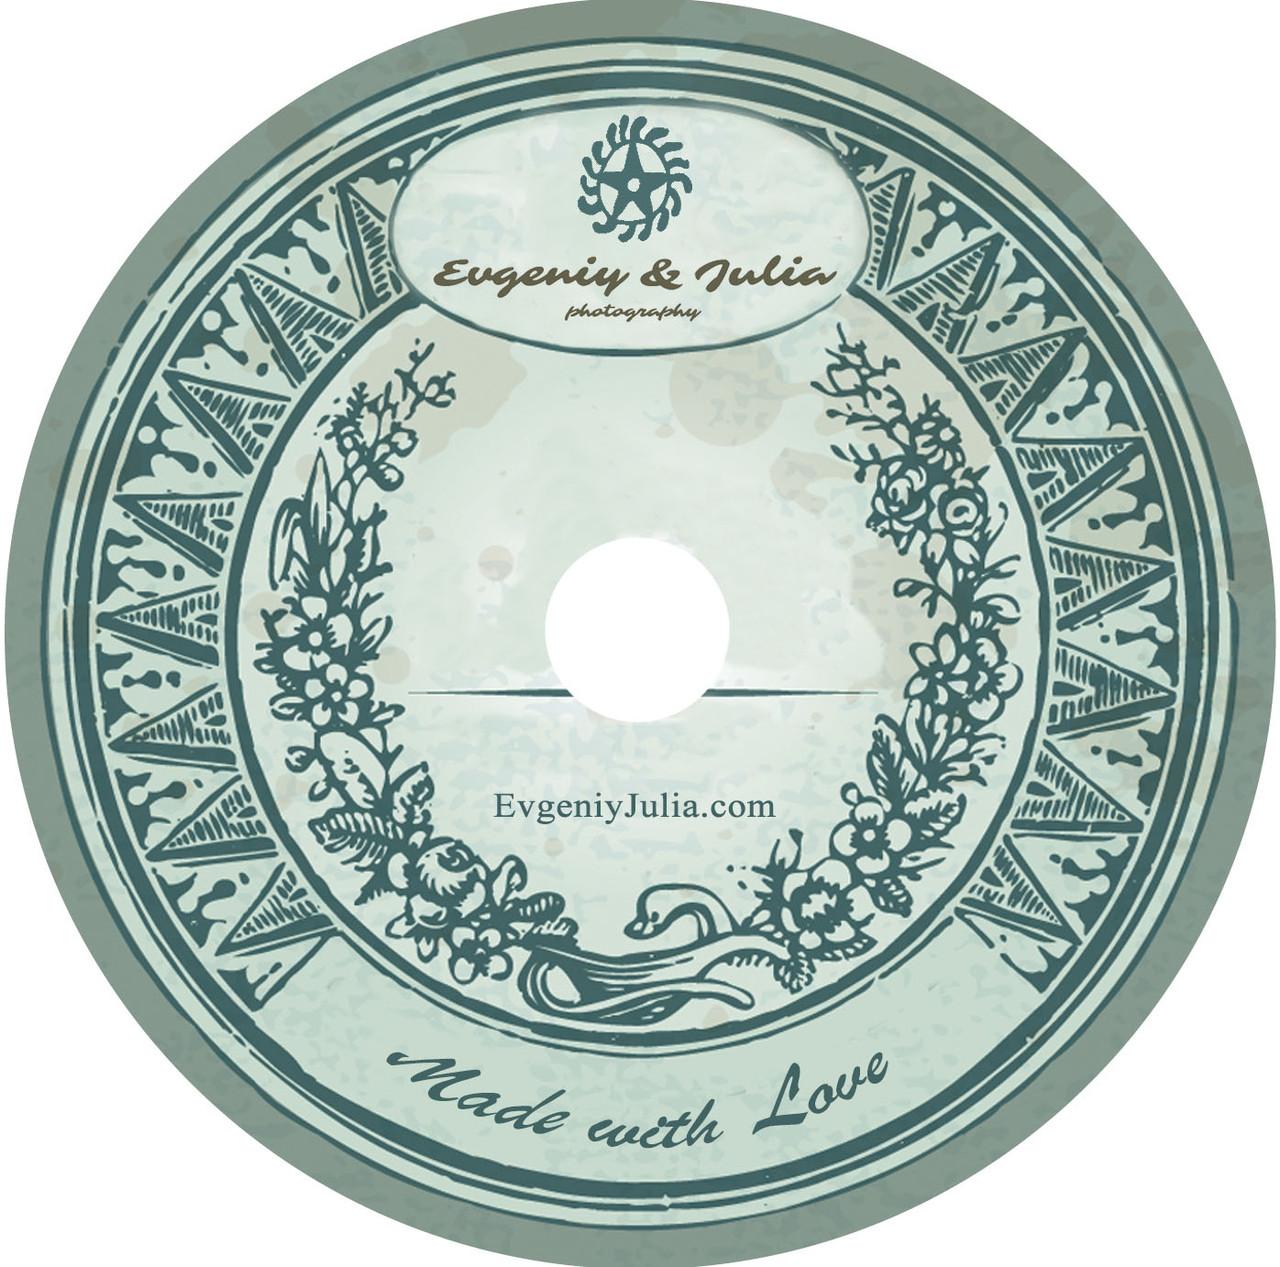 Печать 6 Цветная на диске без уф лака + Диск CD-R 700Mb матовая поверхность 50 шт  - Zosimoff в Киеве